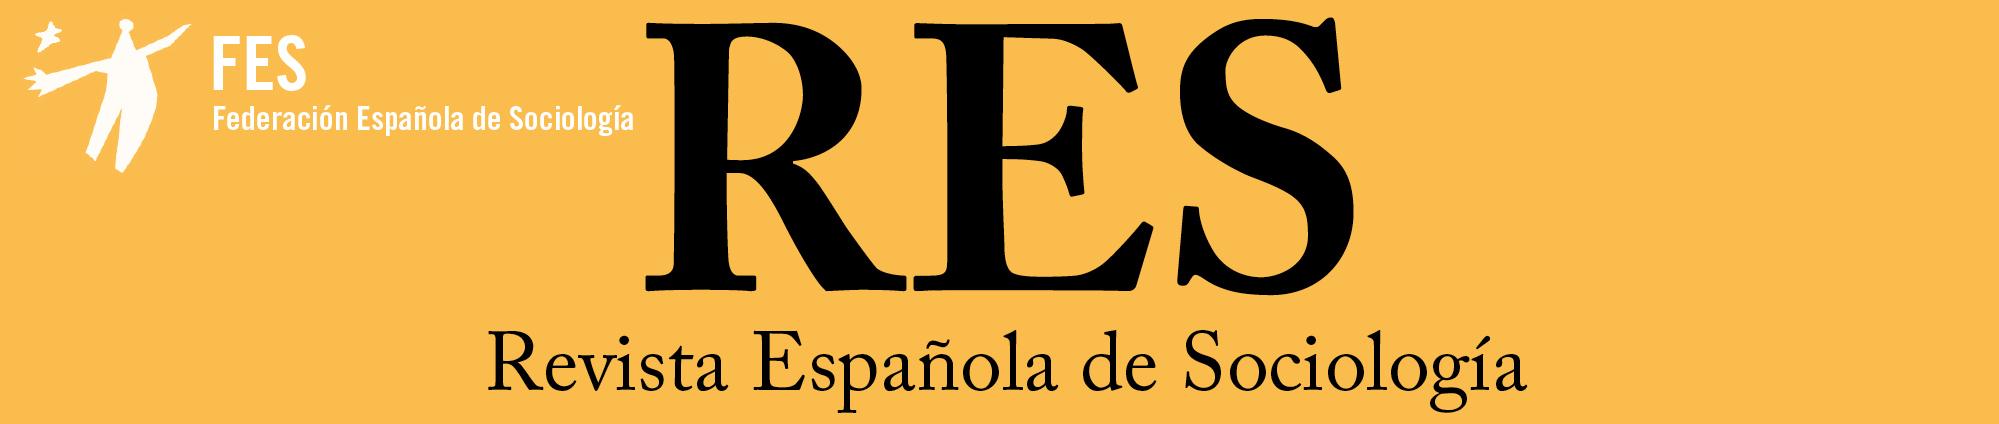 Revista Española de Sociología (RES)